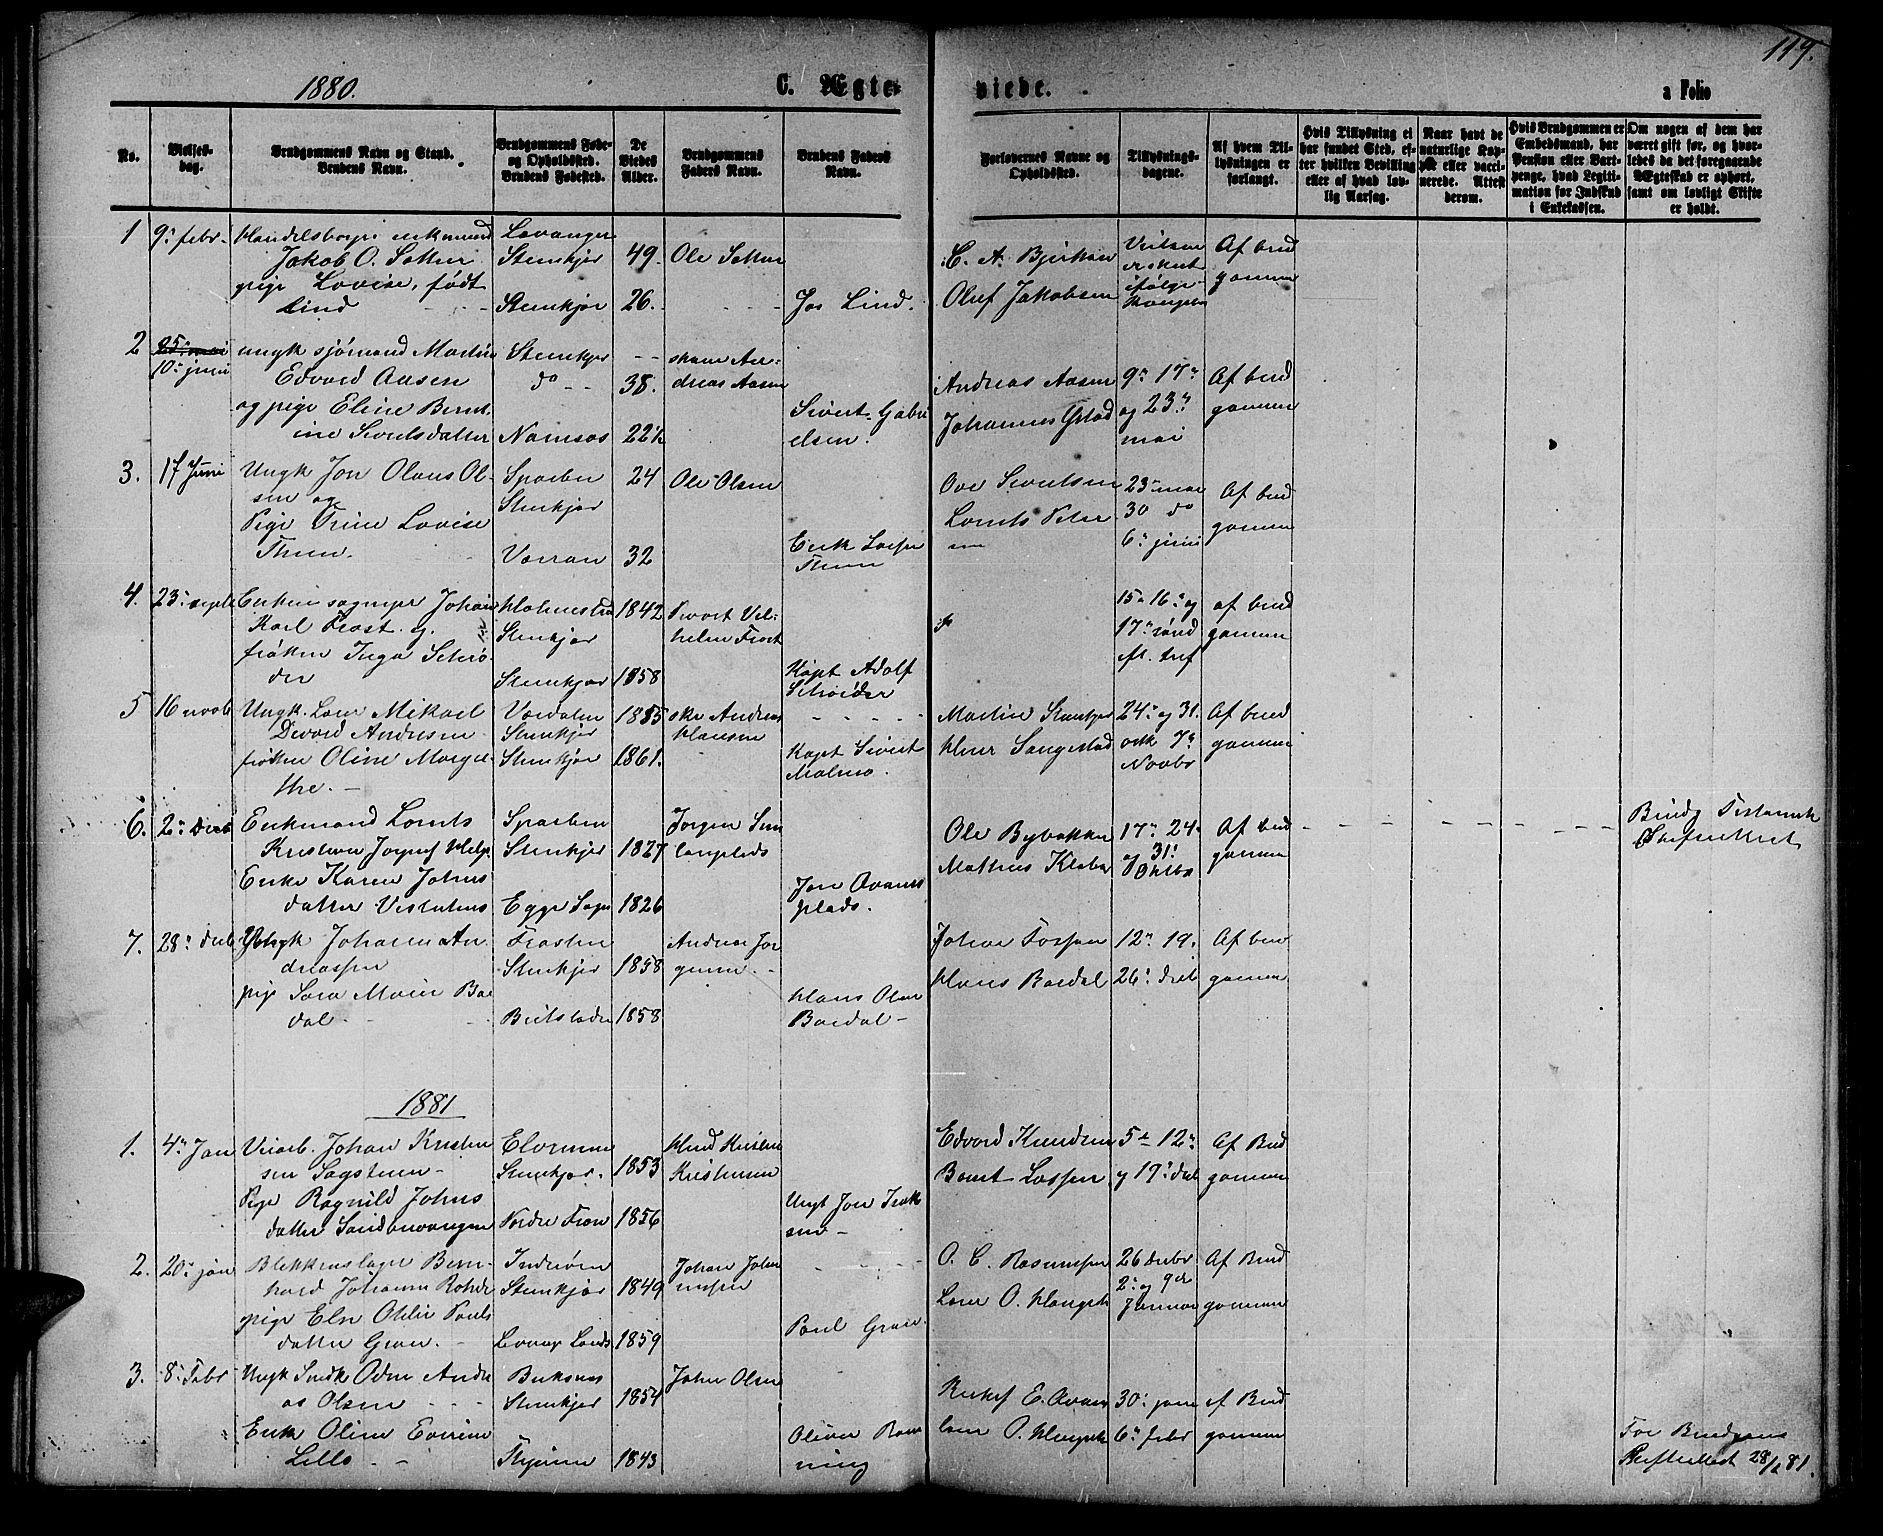 SAT, Ministerialprotokoller, klokkerbøker og fødselsregistre - Nord-Trøndelag, 739/L0373: Klokkerbok nr. 739C01, 1865-1882, s. 119